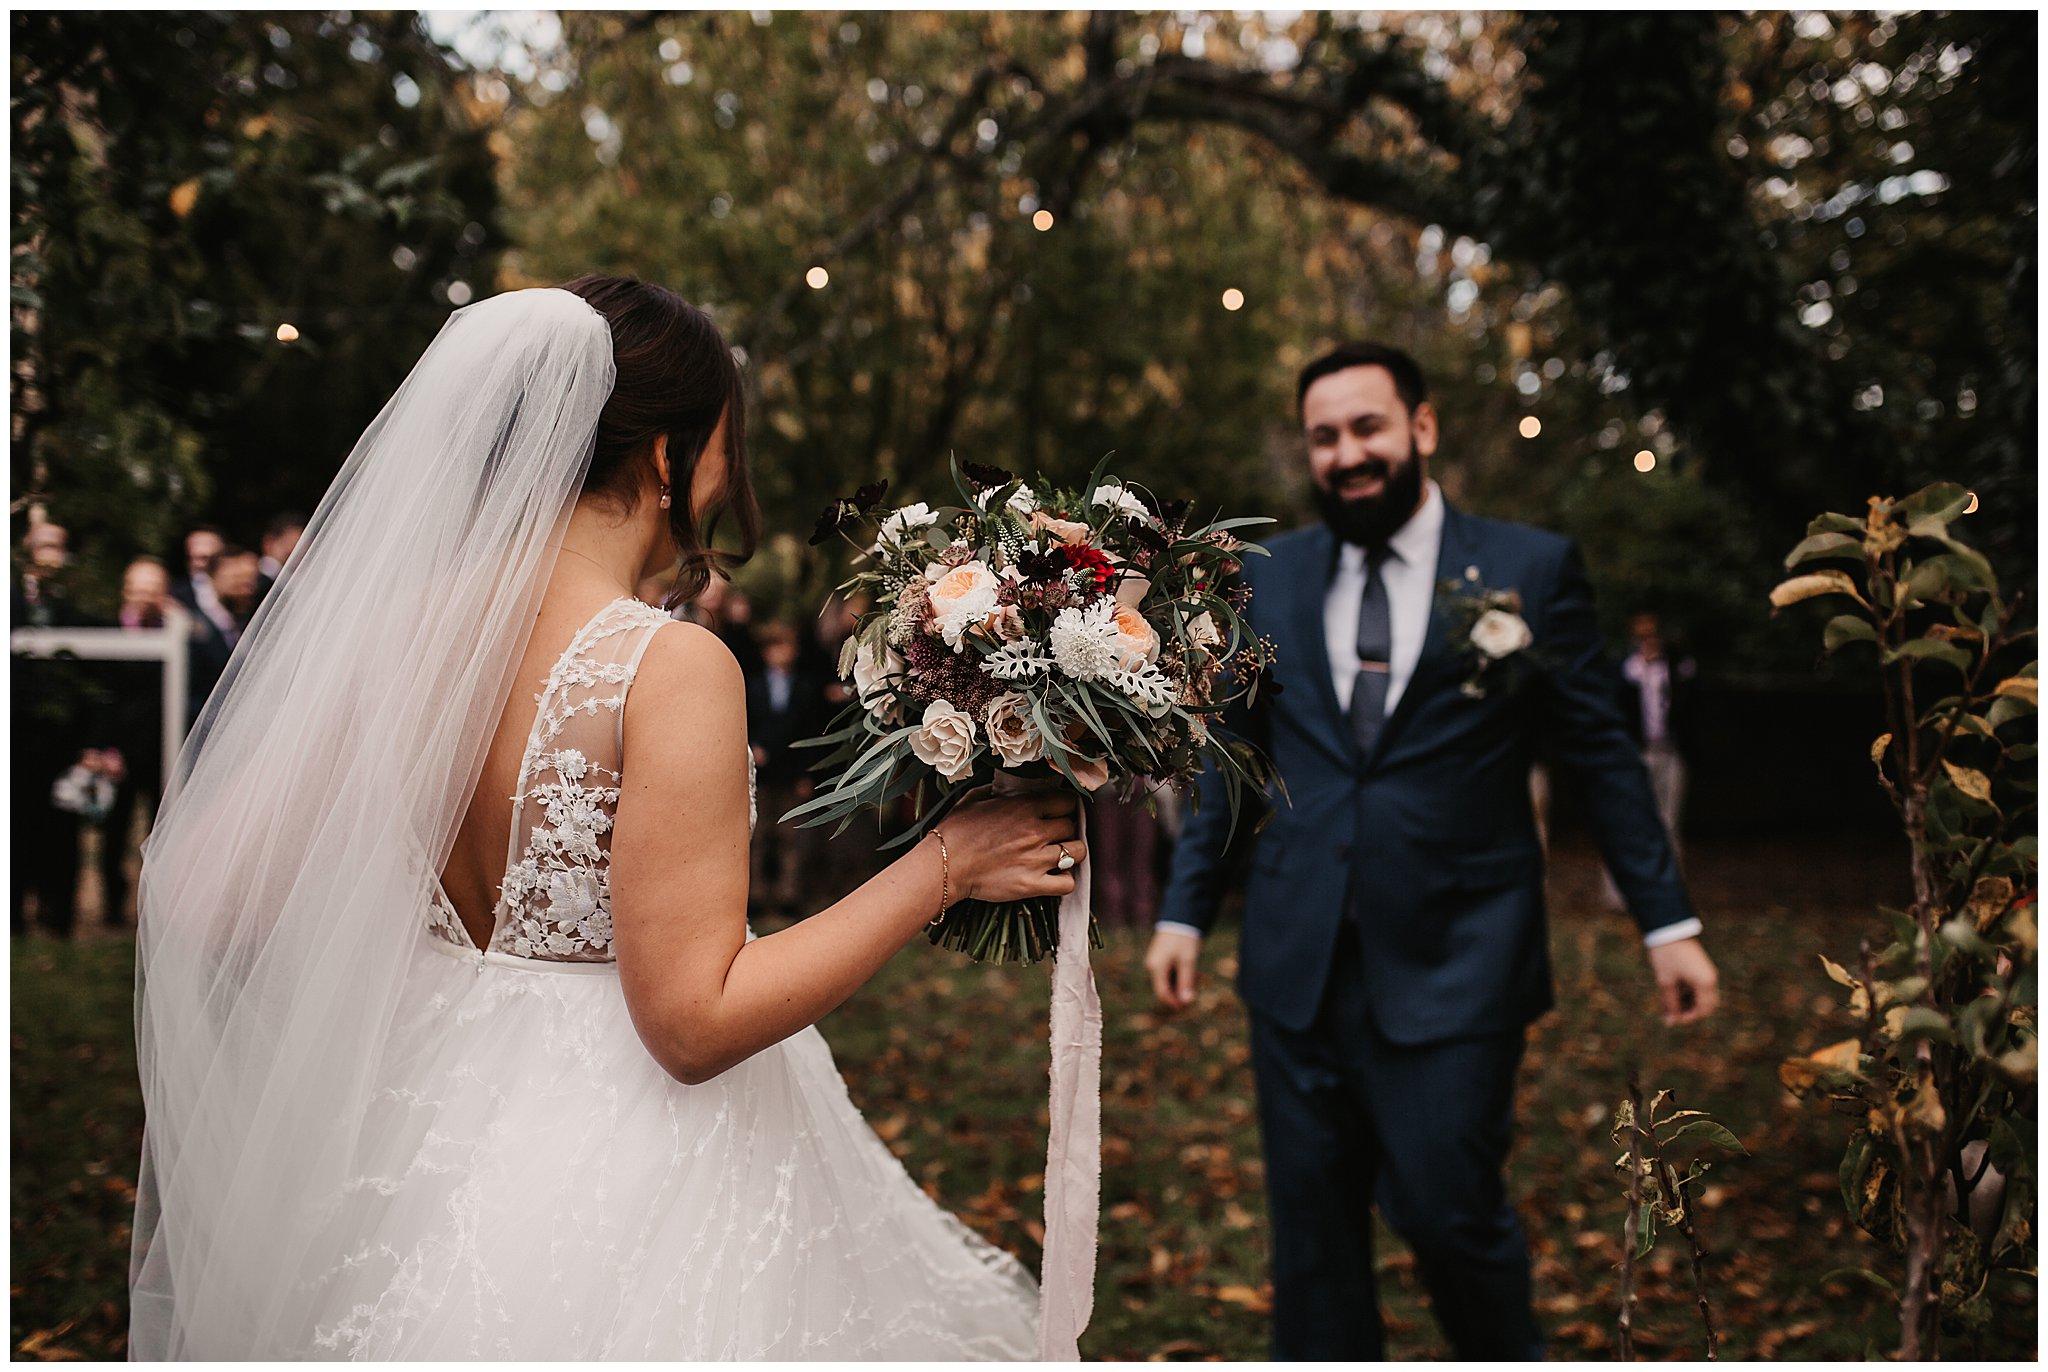 Max & Ksenia Autumnal Wiltshire Wedding-299.jpg